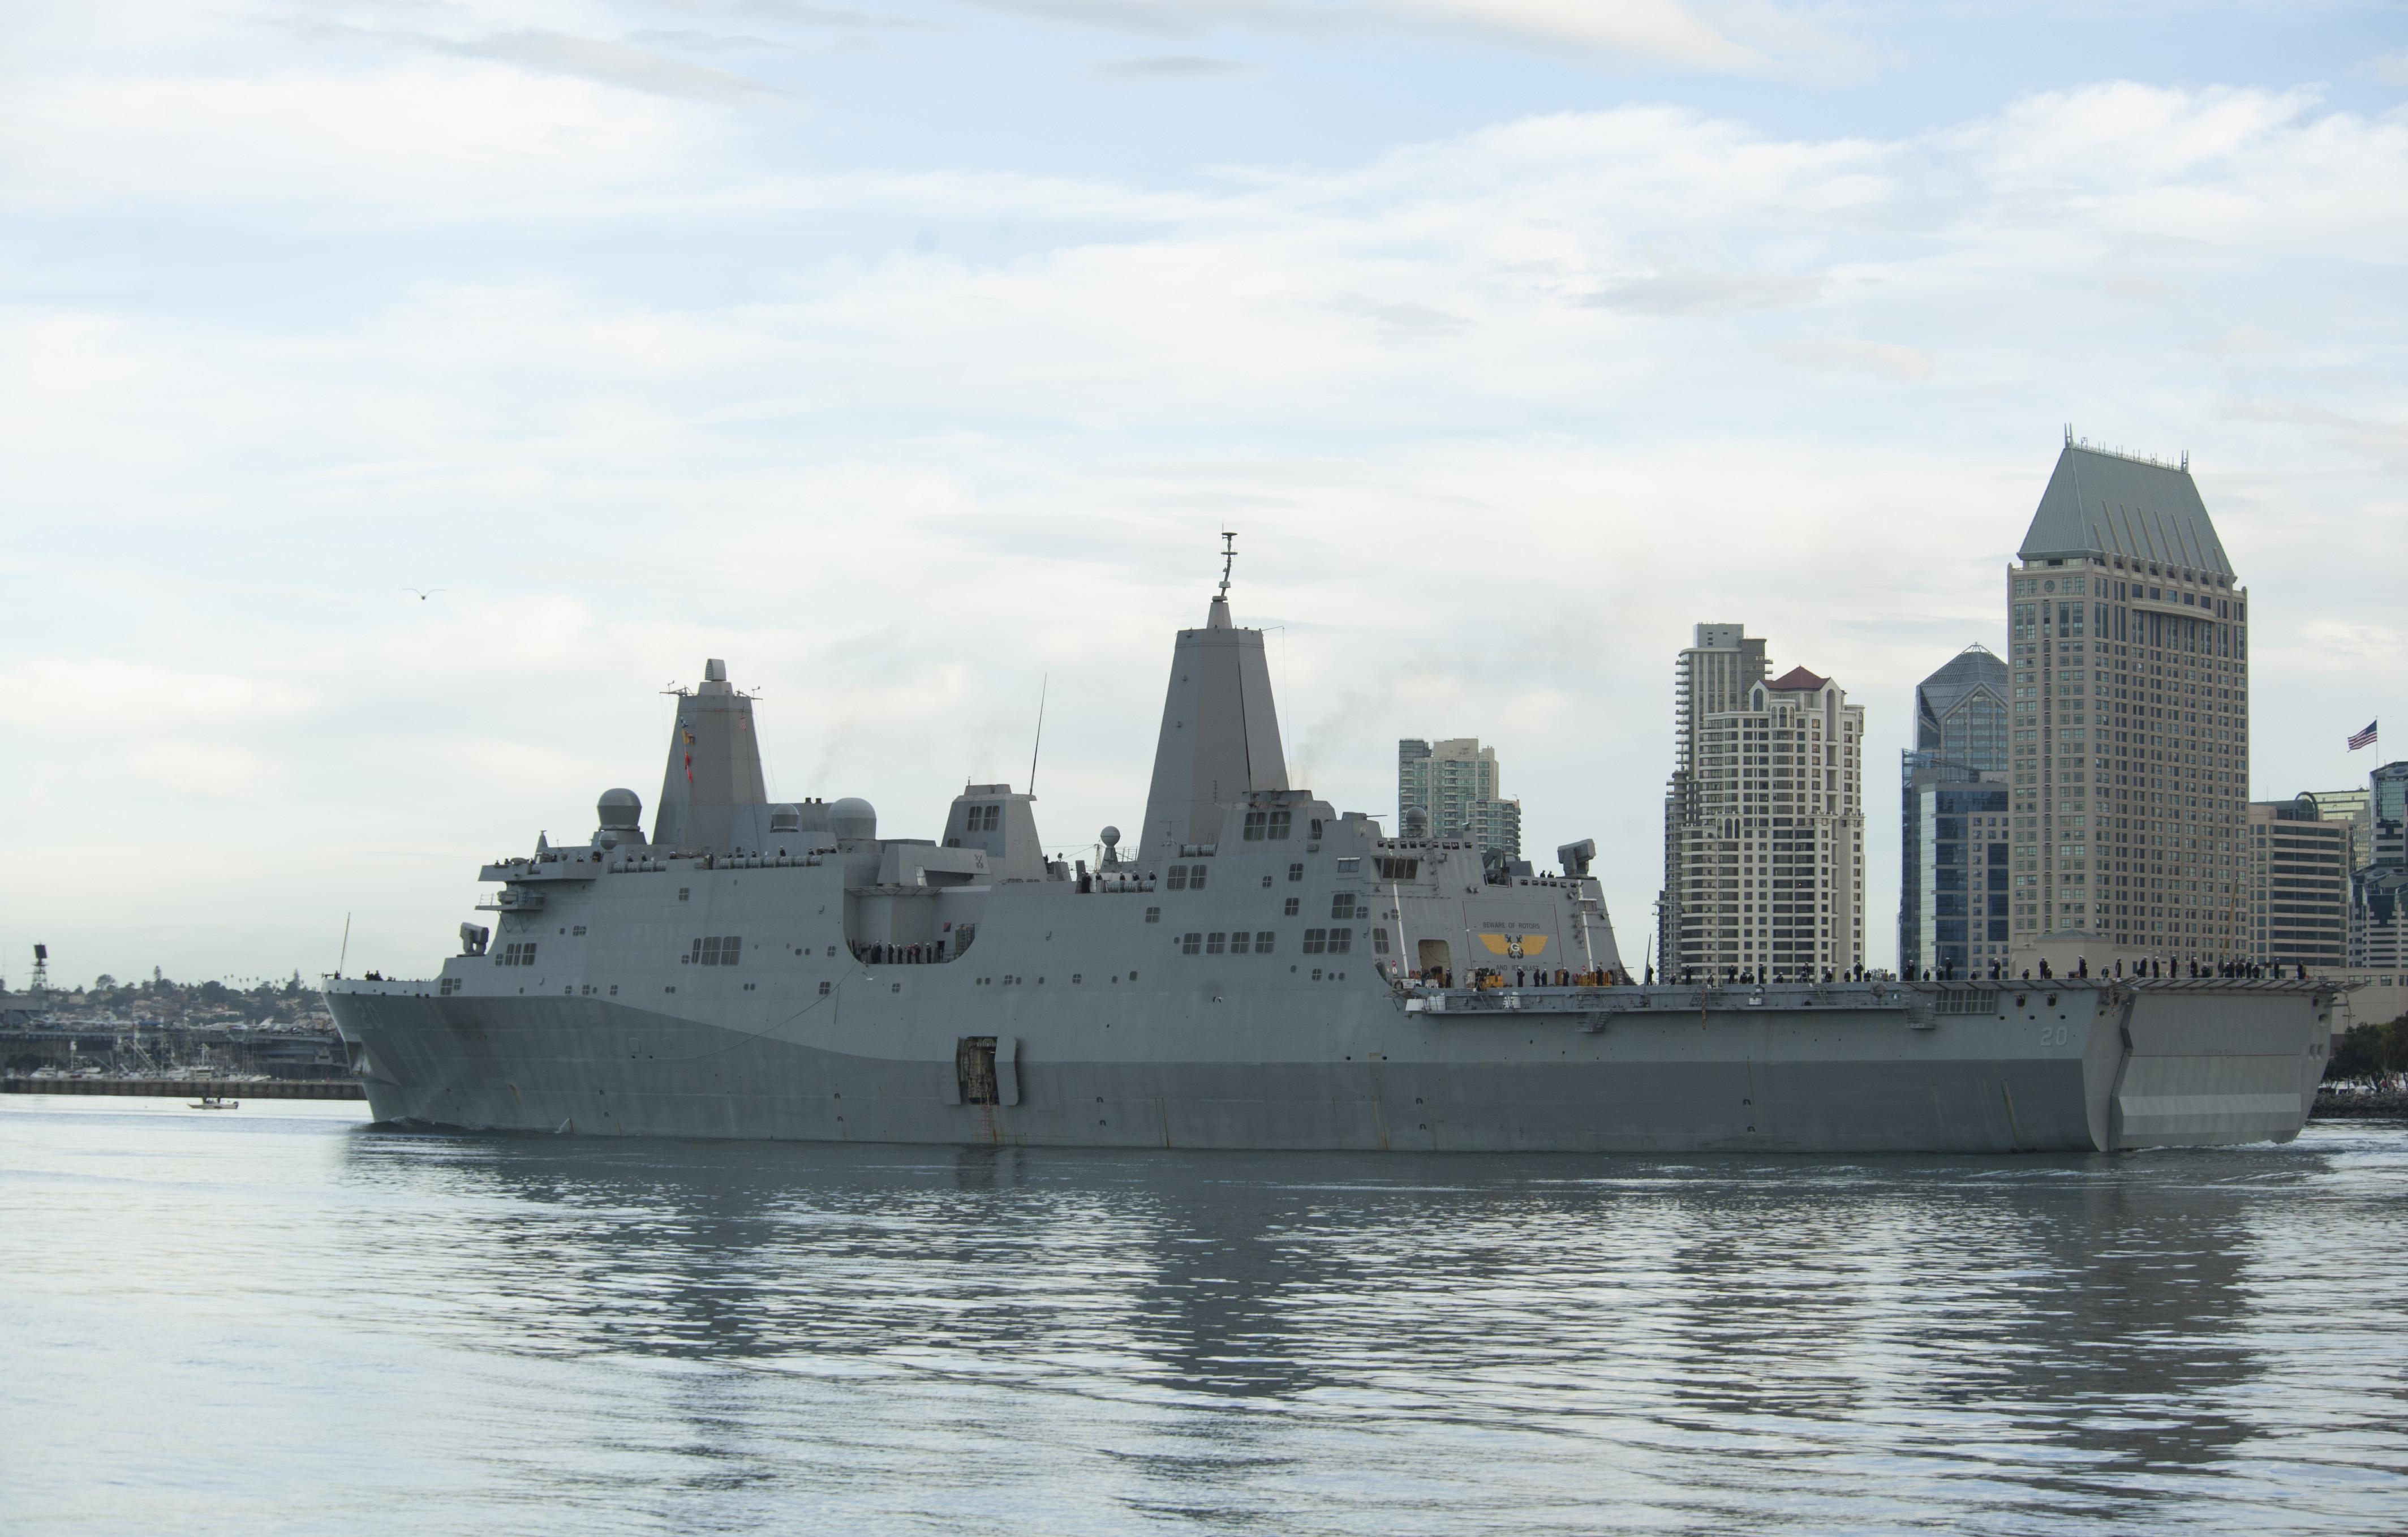 USS GREEN BAY LPD-20 Auslaufen San Diego am 26.01.2015 Bild: U.S. Navy